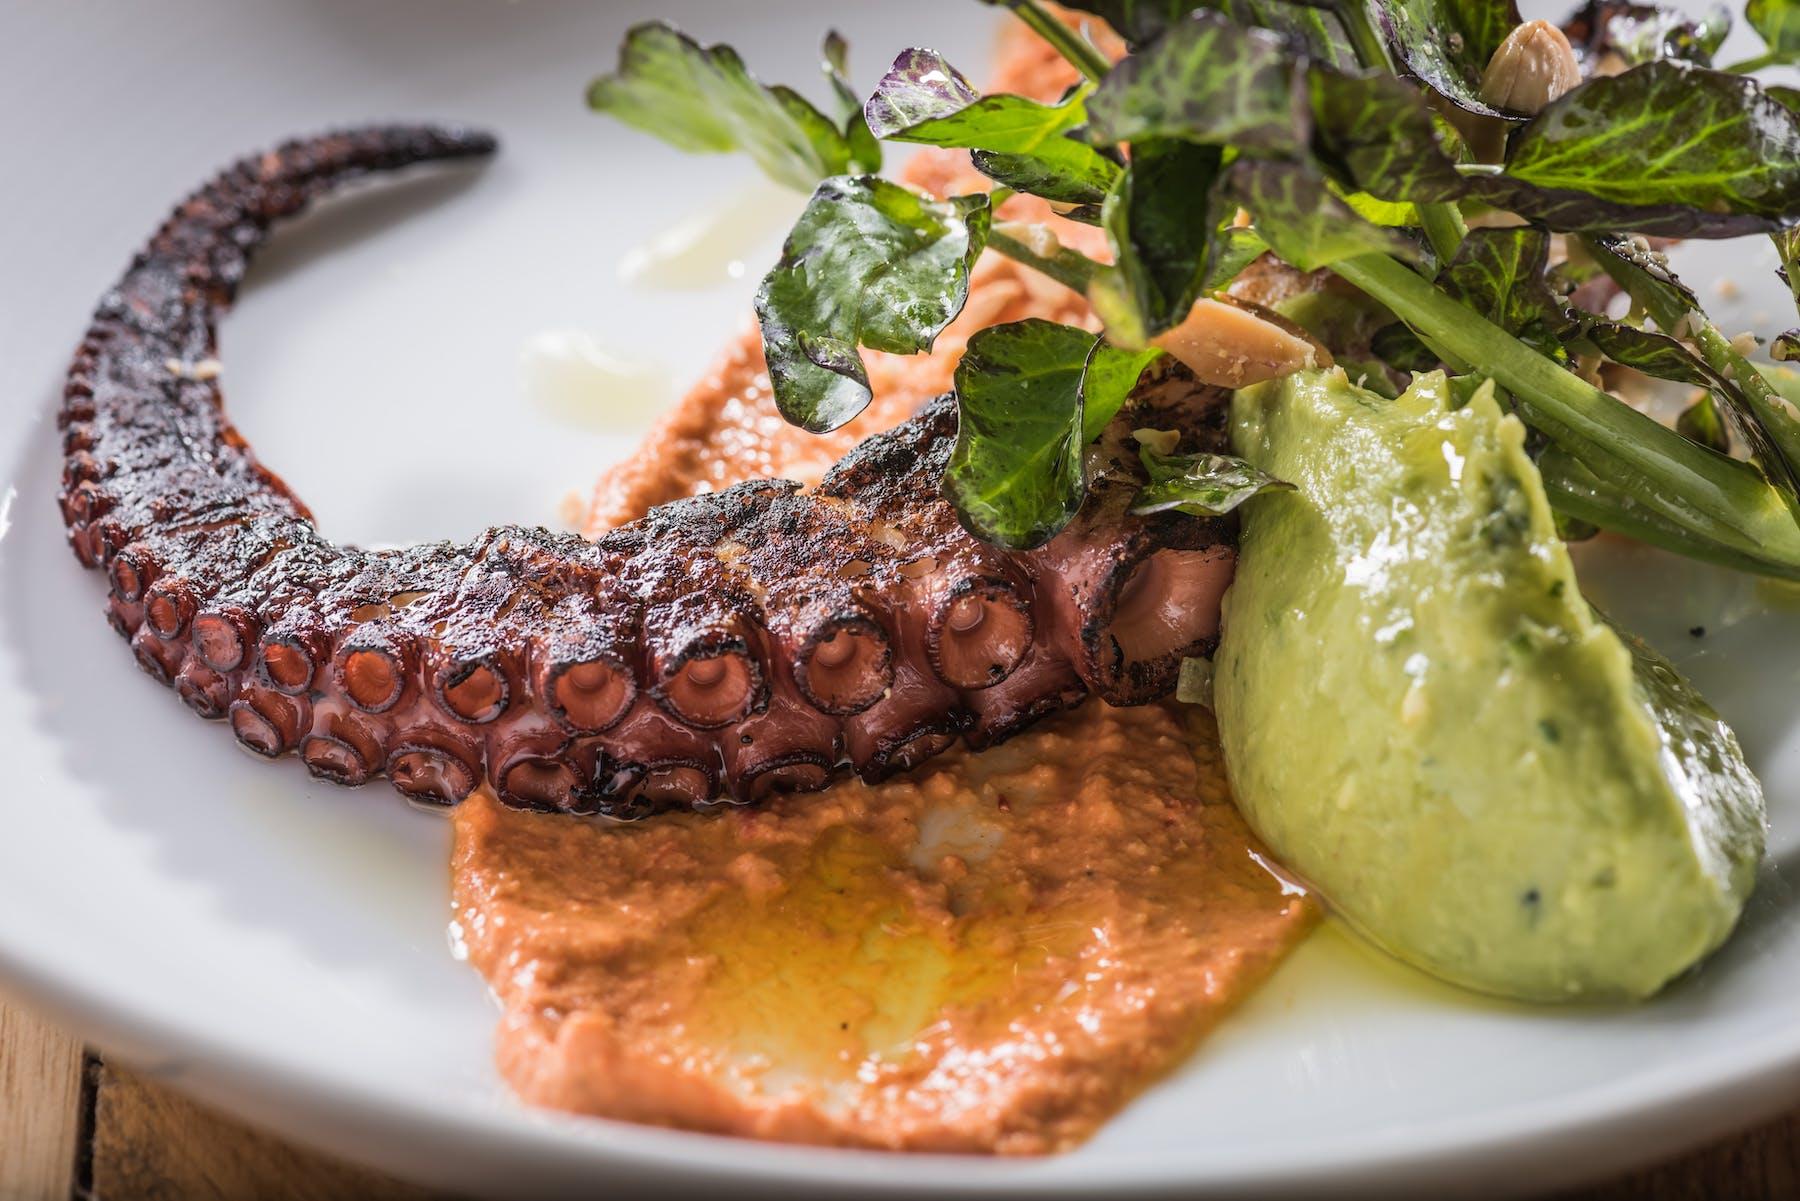 gourmet tentacle plate